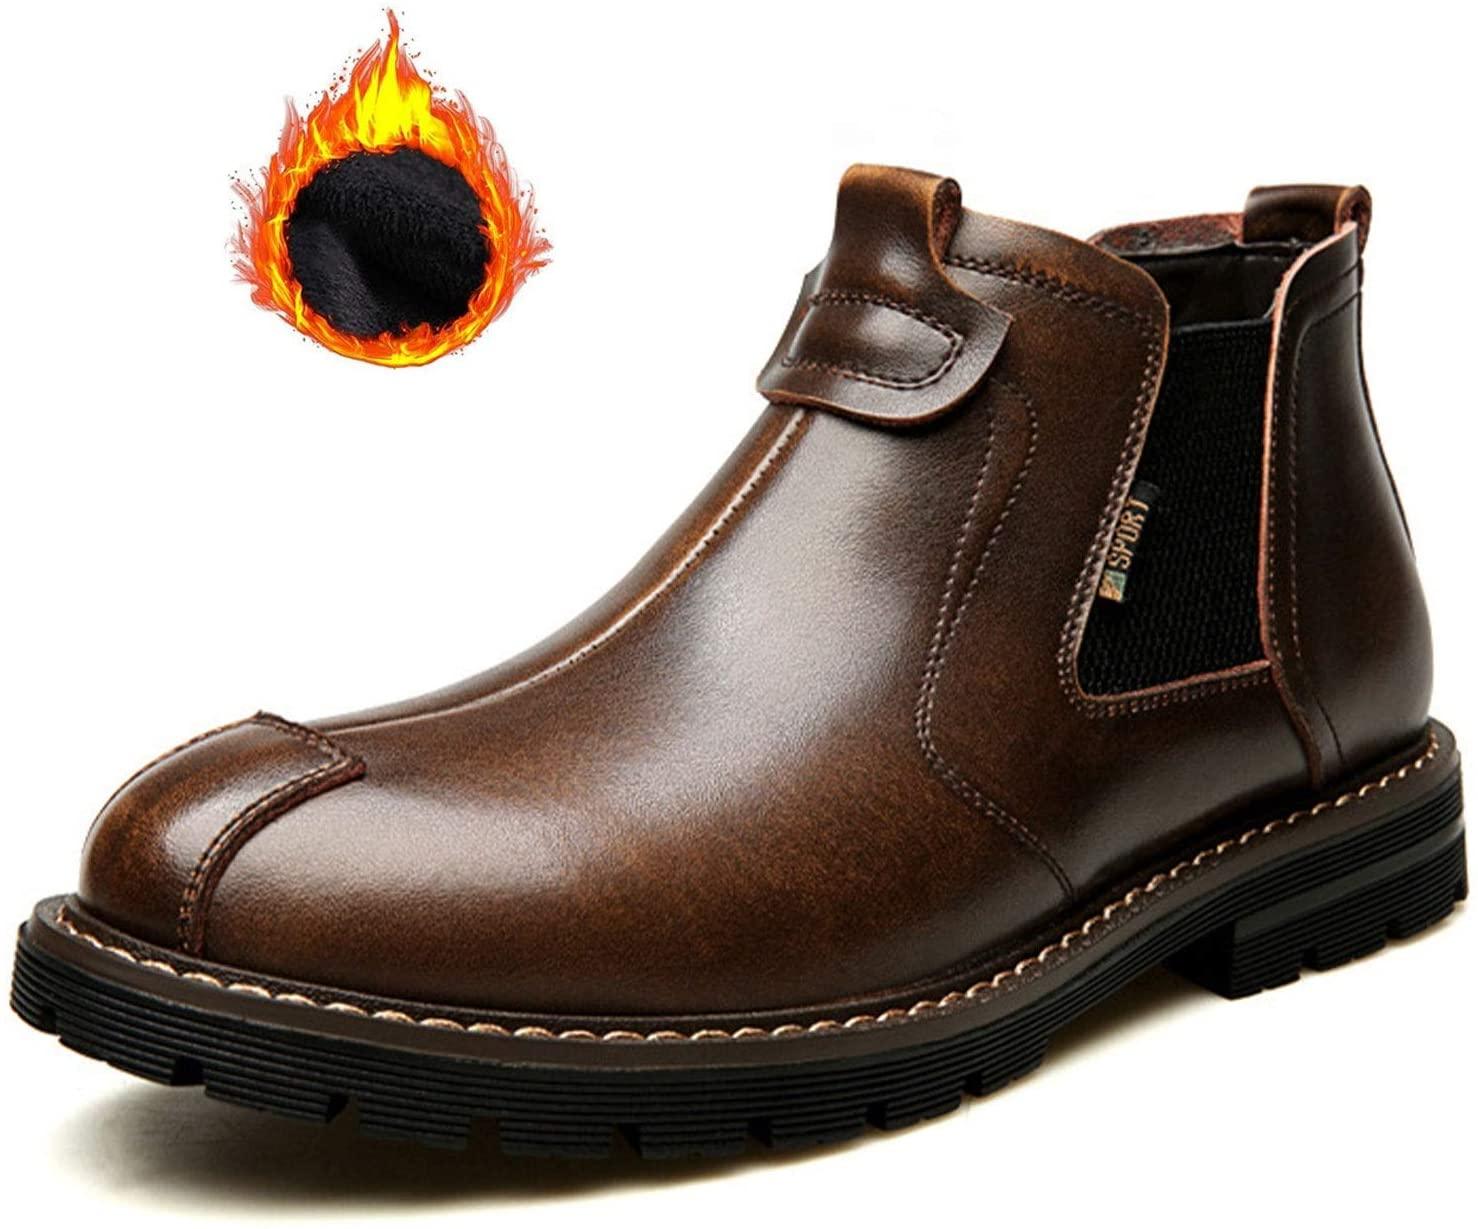 QLT Chelsea Boots, Men's Warm high-top Shoes (Color : Brown, Size : US 8.5/UK 7.5/EU 42/JP 26)